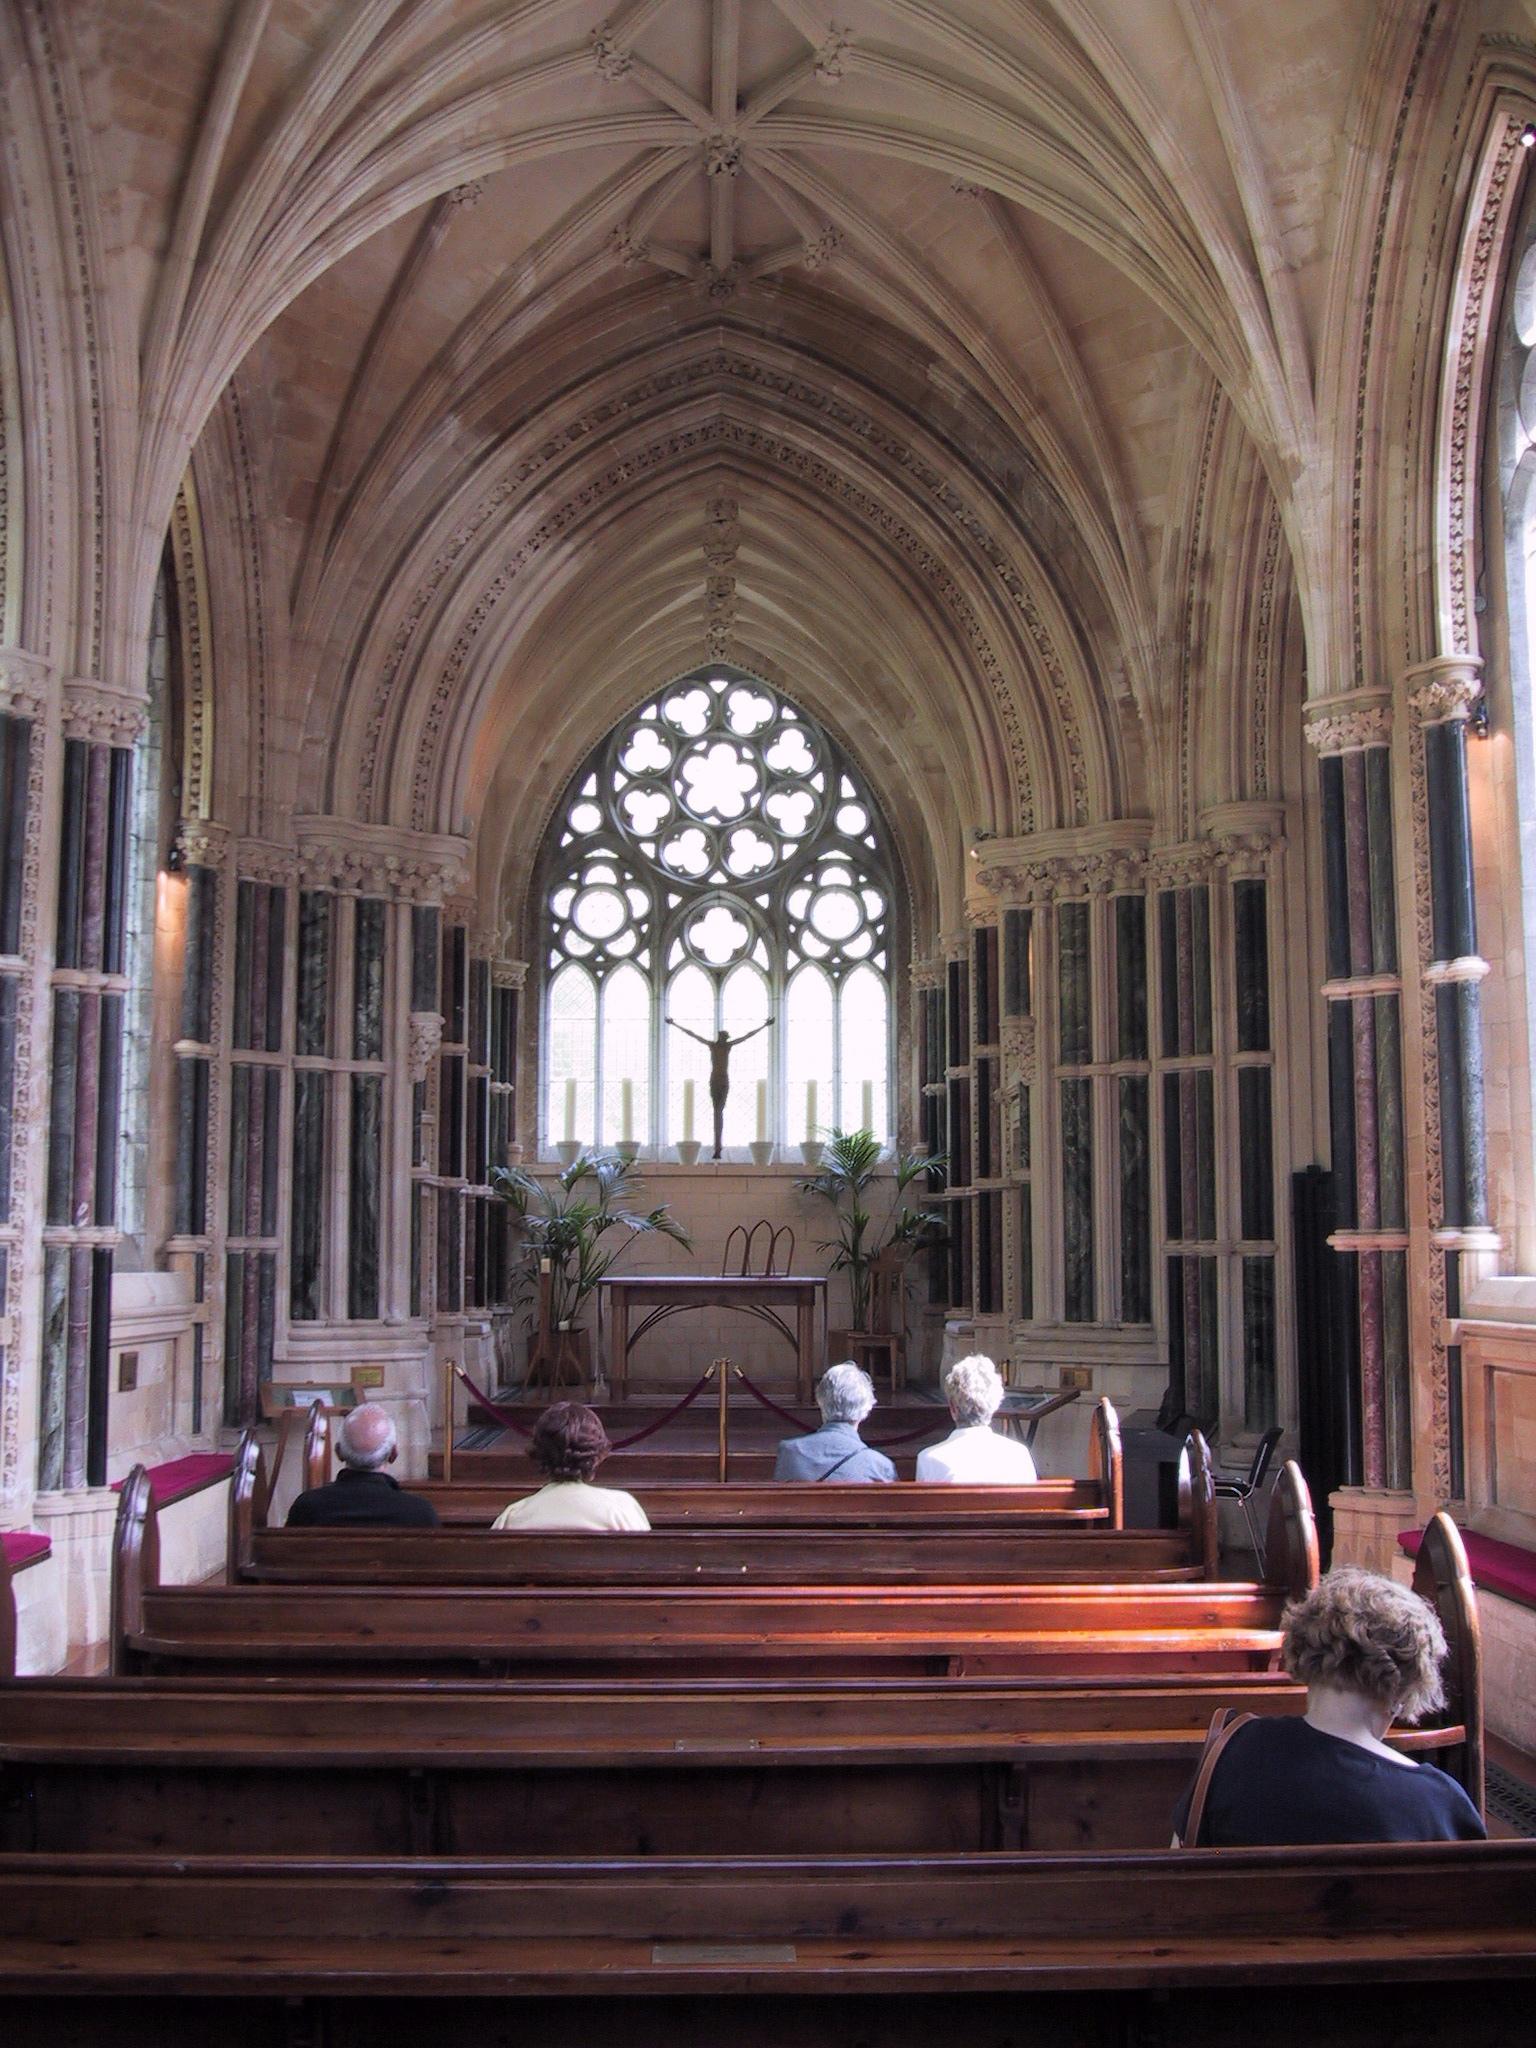 File:Inside the chapel of Kylemore Abbey, Connemara, Co ...